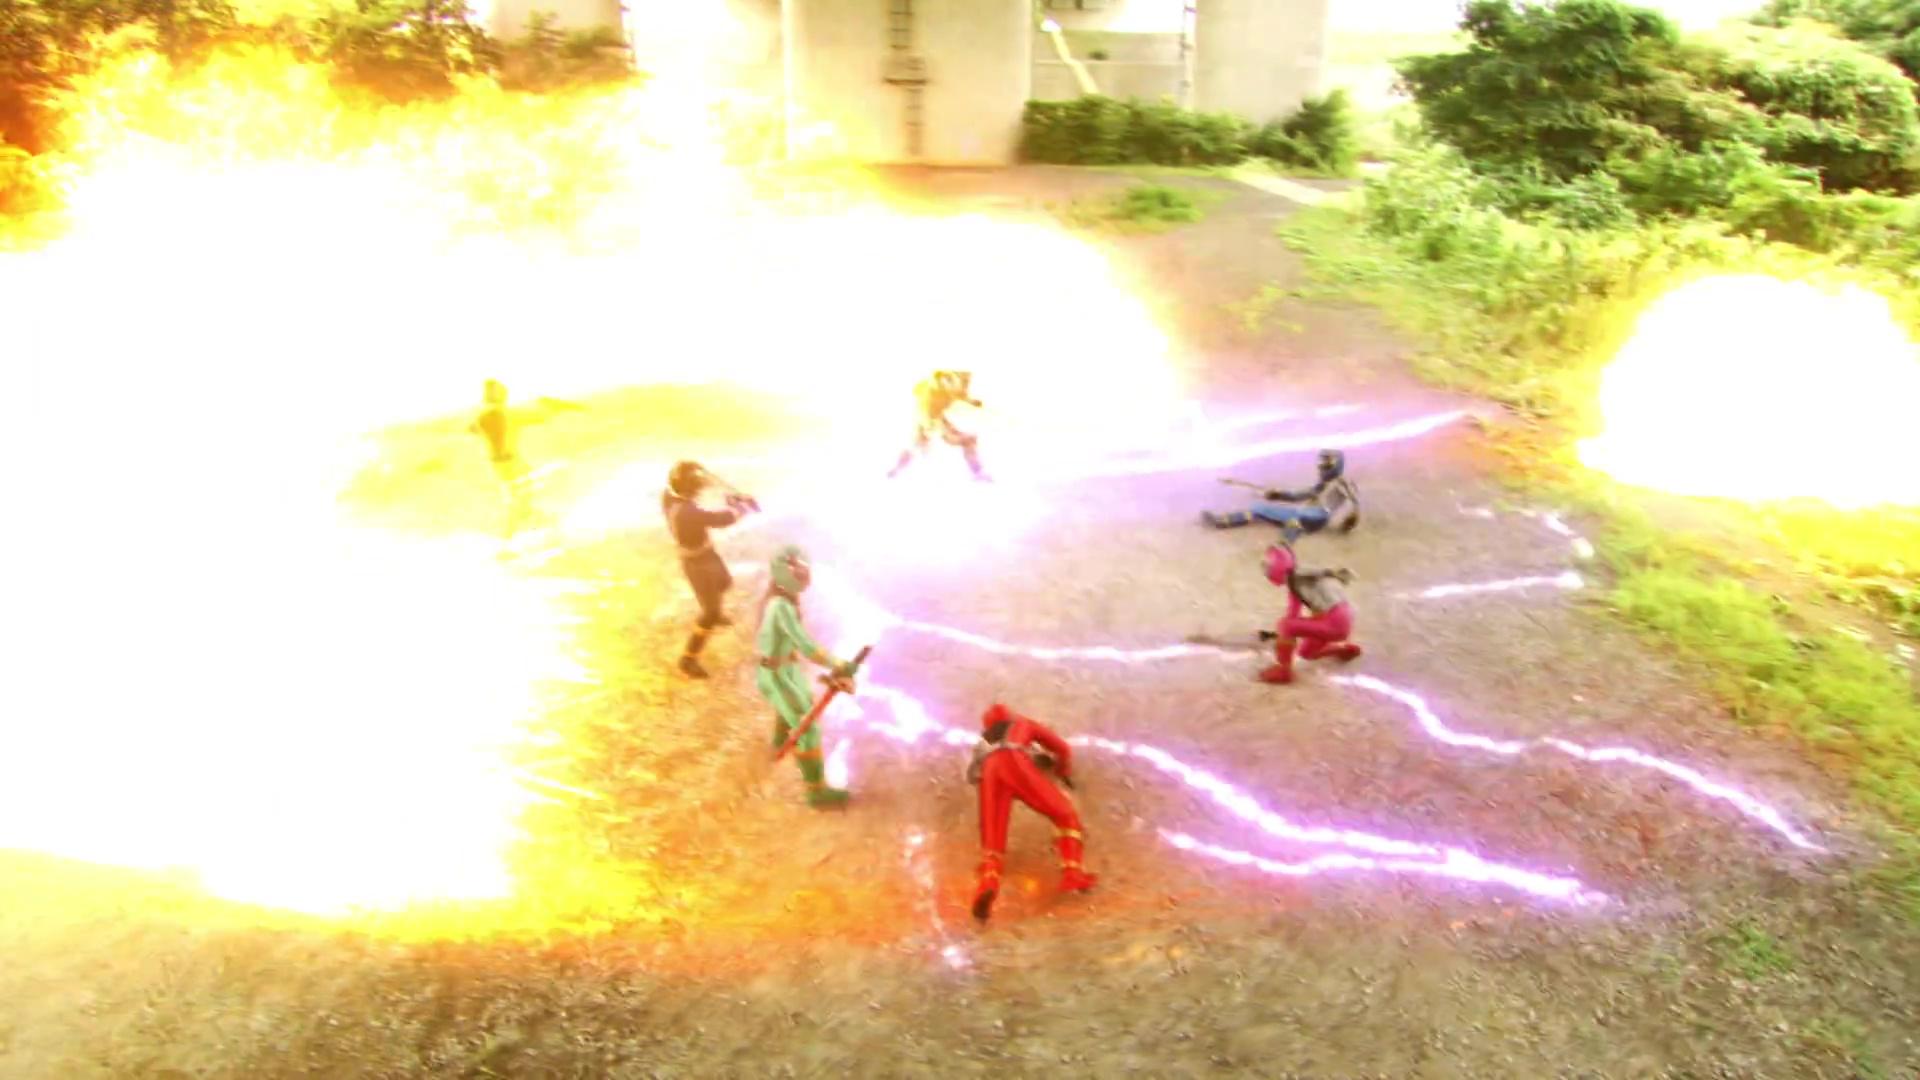 Kishiryu Sentai Ryusoulger Episode 32 Recap